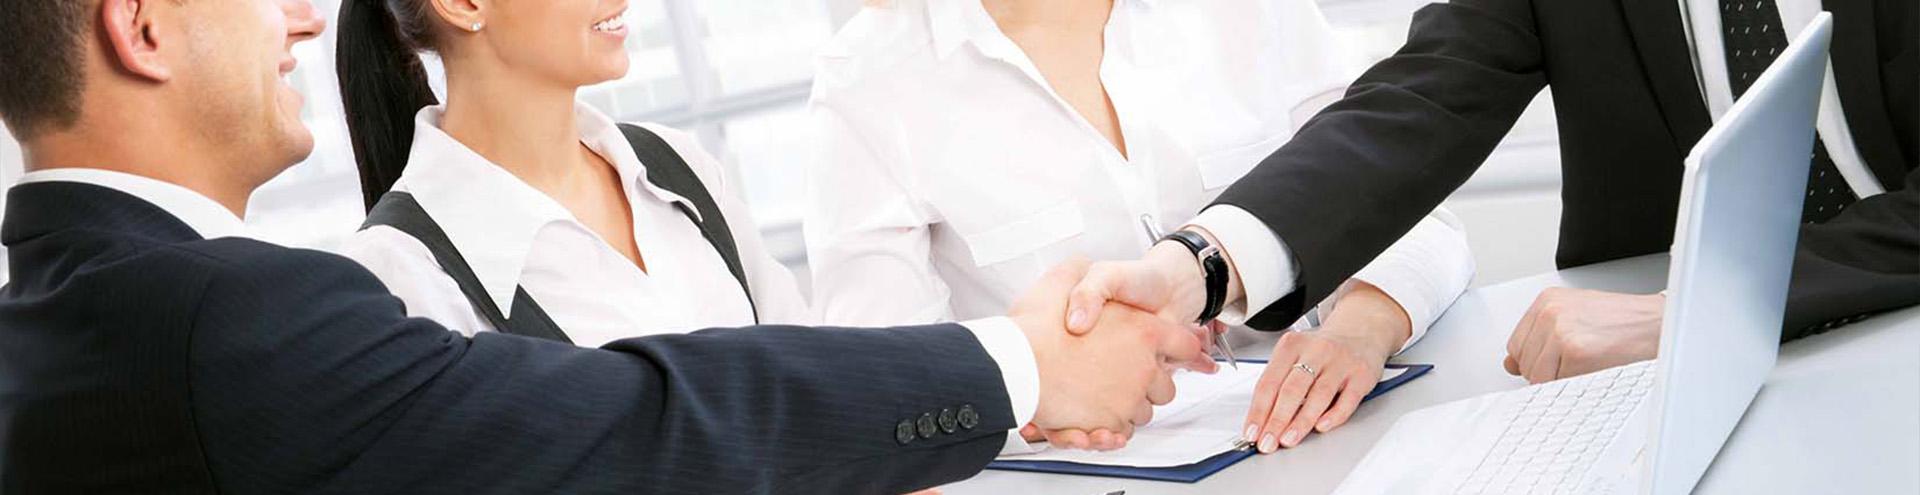 юридическое обслуживание физических лиц в Чебоксарах и Чувашской Республике